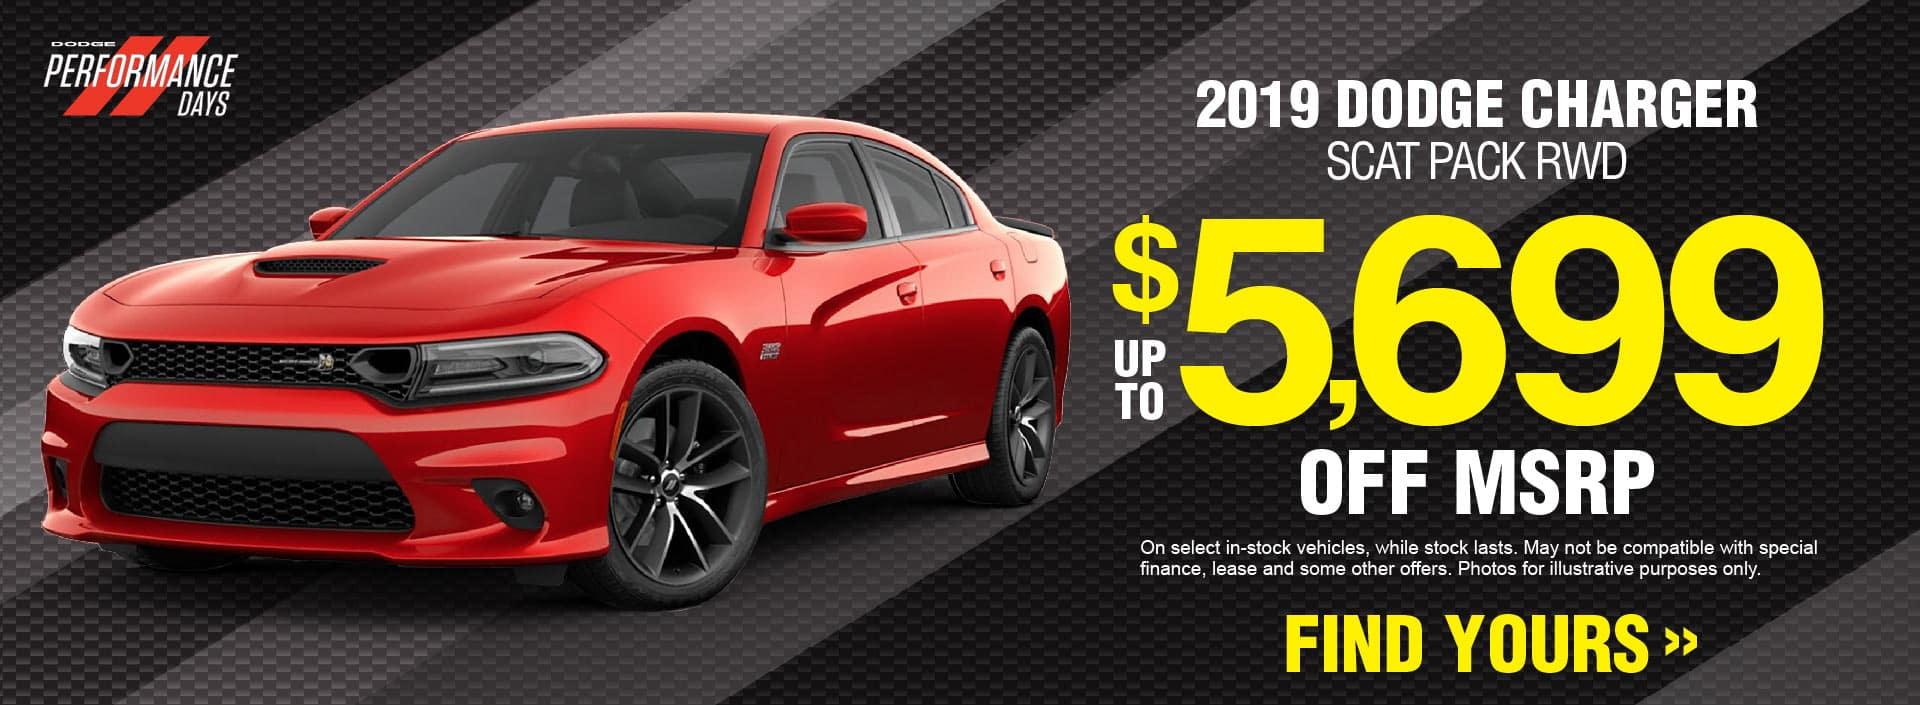 2019 Dodge Charger Savings